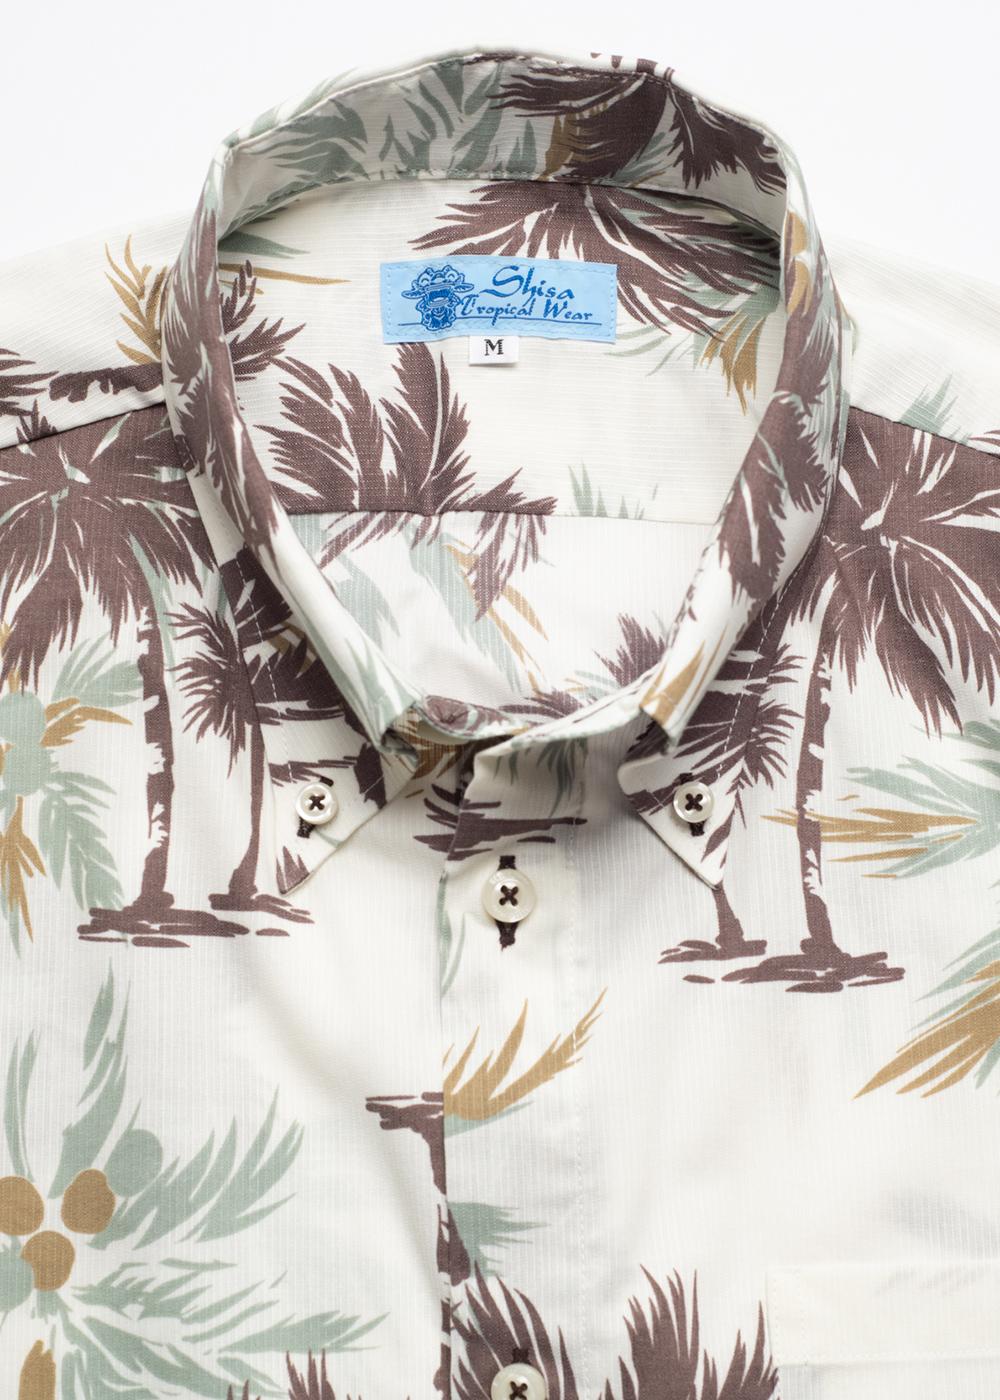 かりゆしウェア(沖縄版アロハシャツ) MAJUN - ココナッツツリー